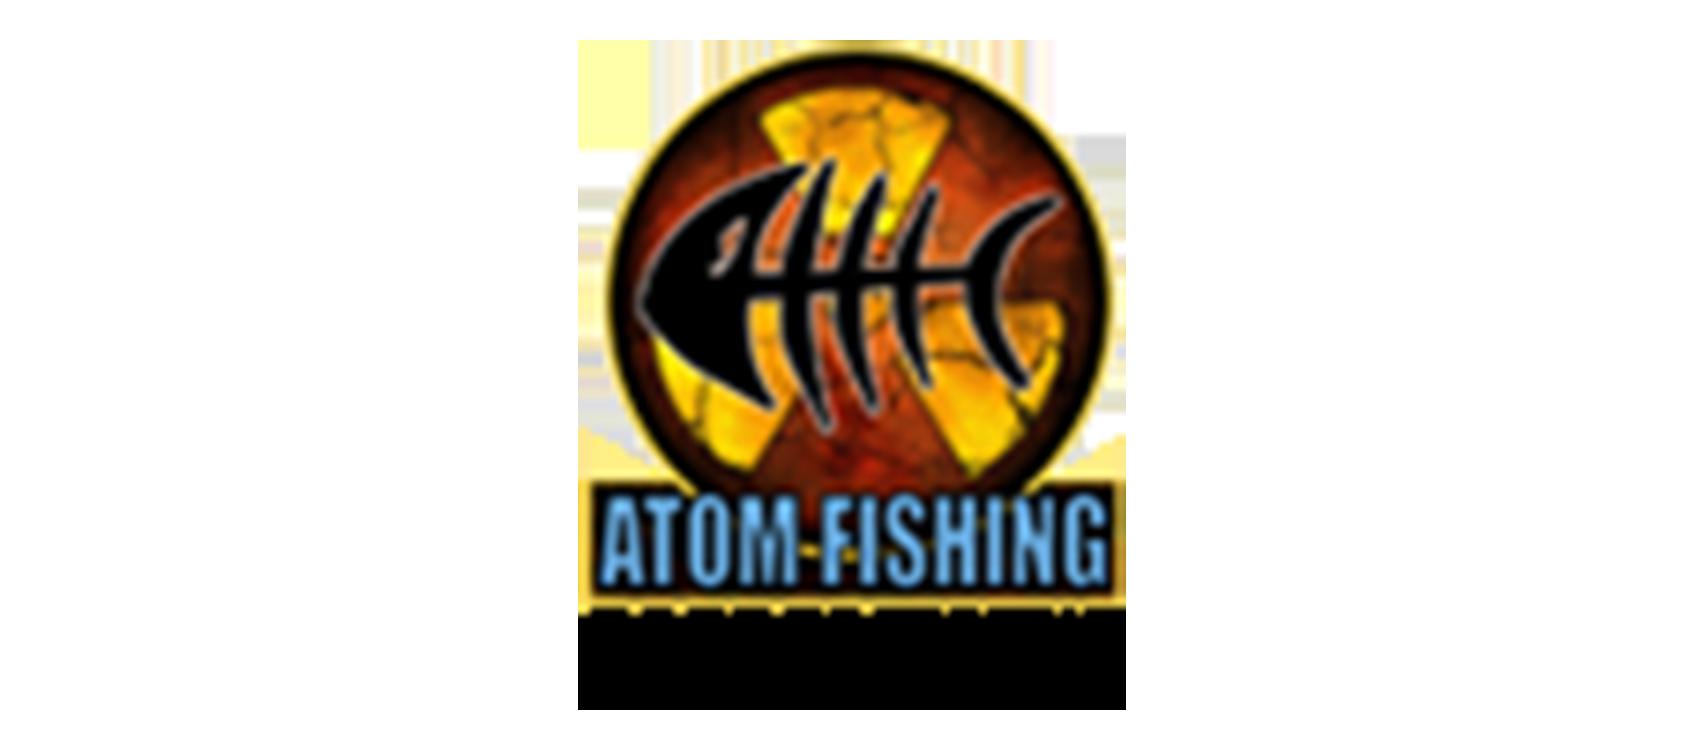 Atom fishing Возвращение  (lg)